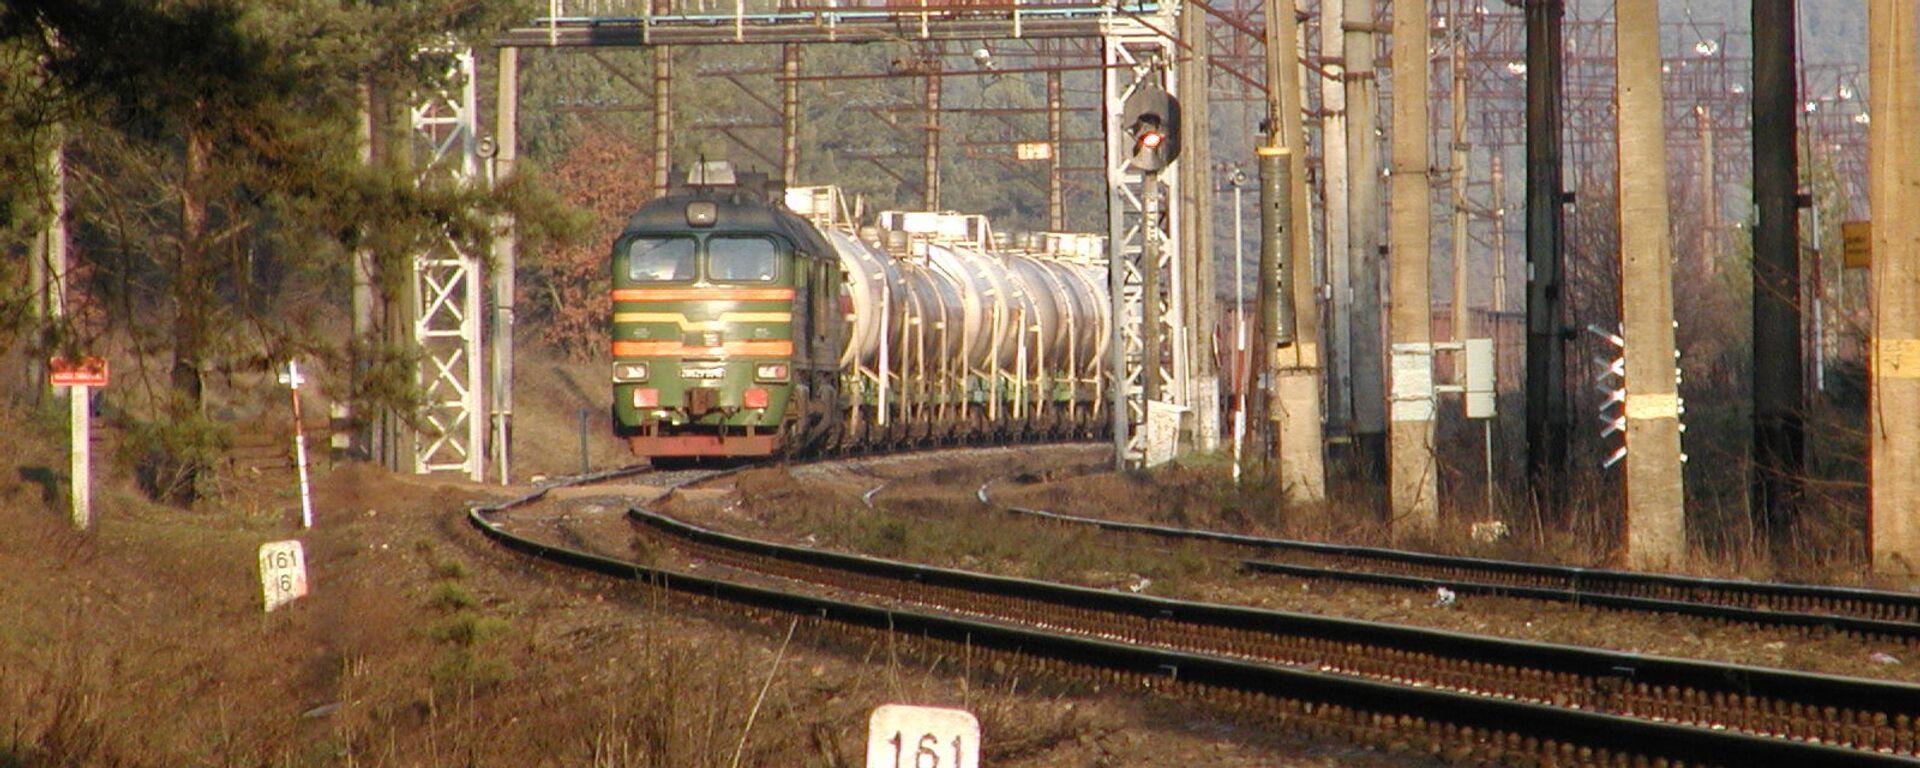 Поезд на государственной границе Белосток-Гродно - Sputnik Polska, 1920, 04.08.2021